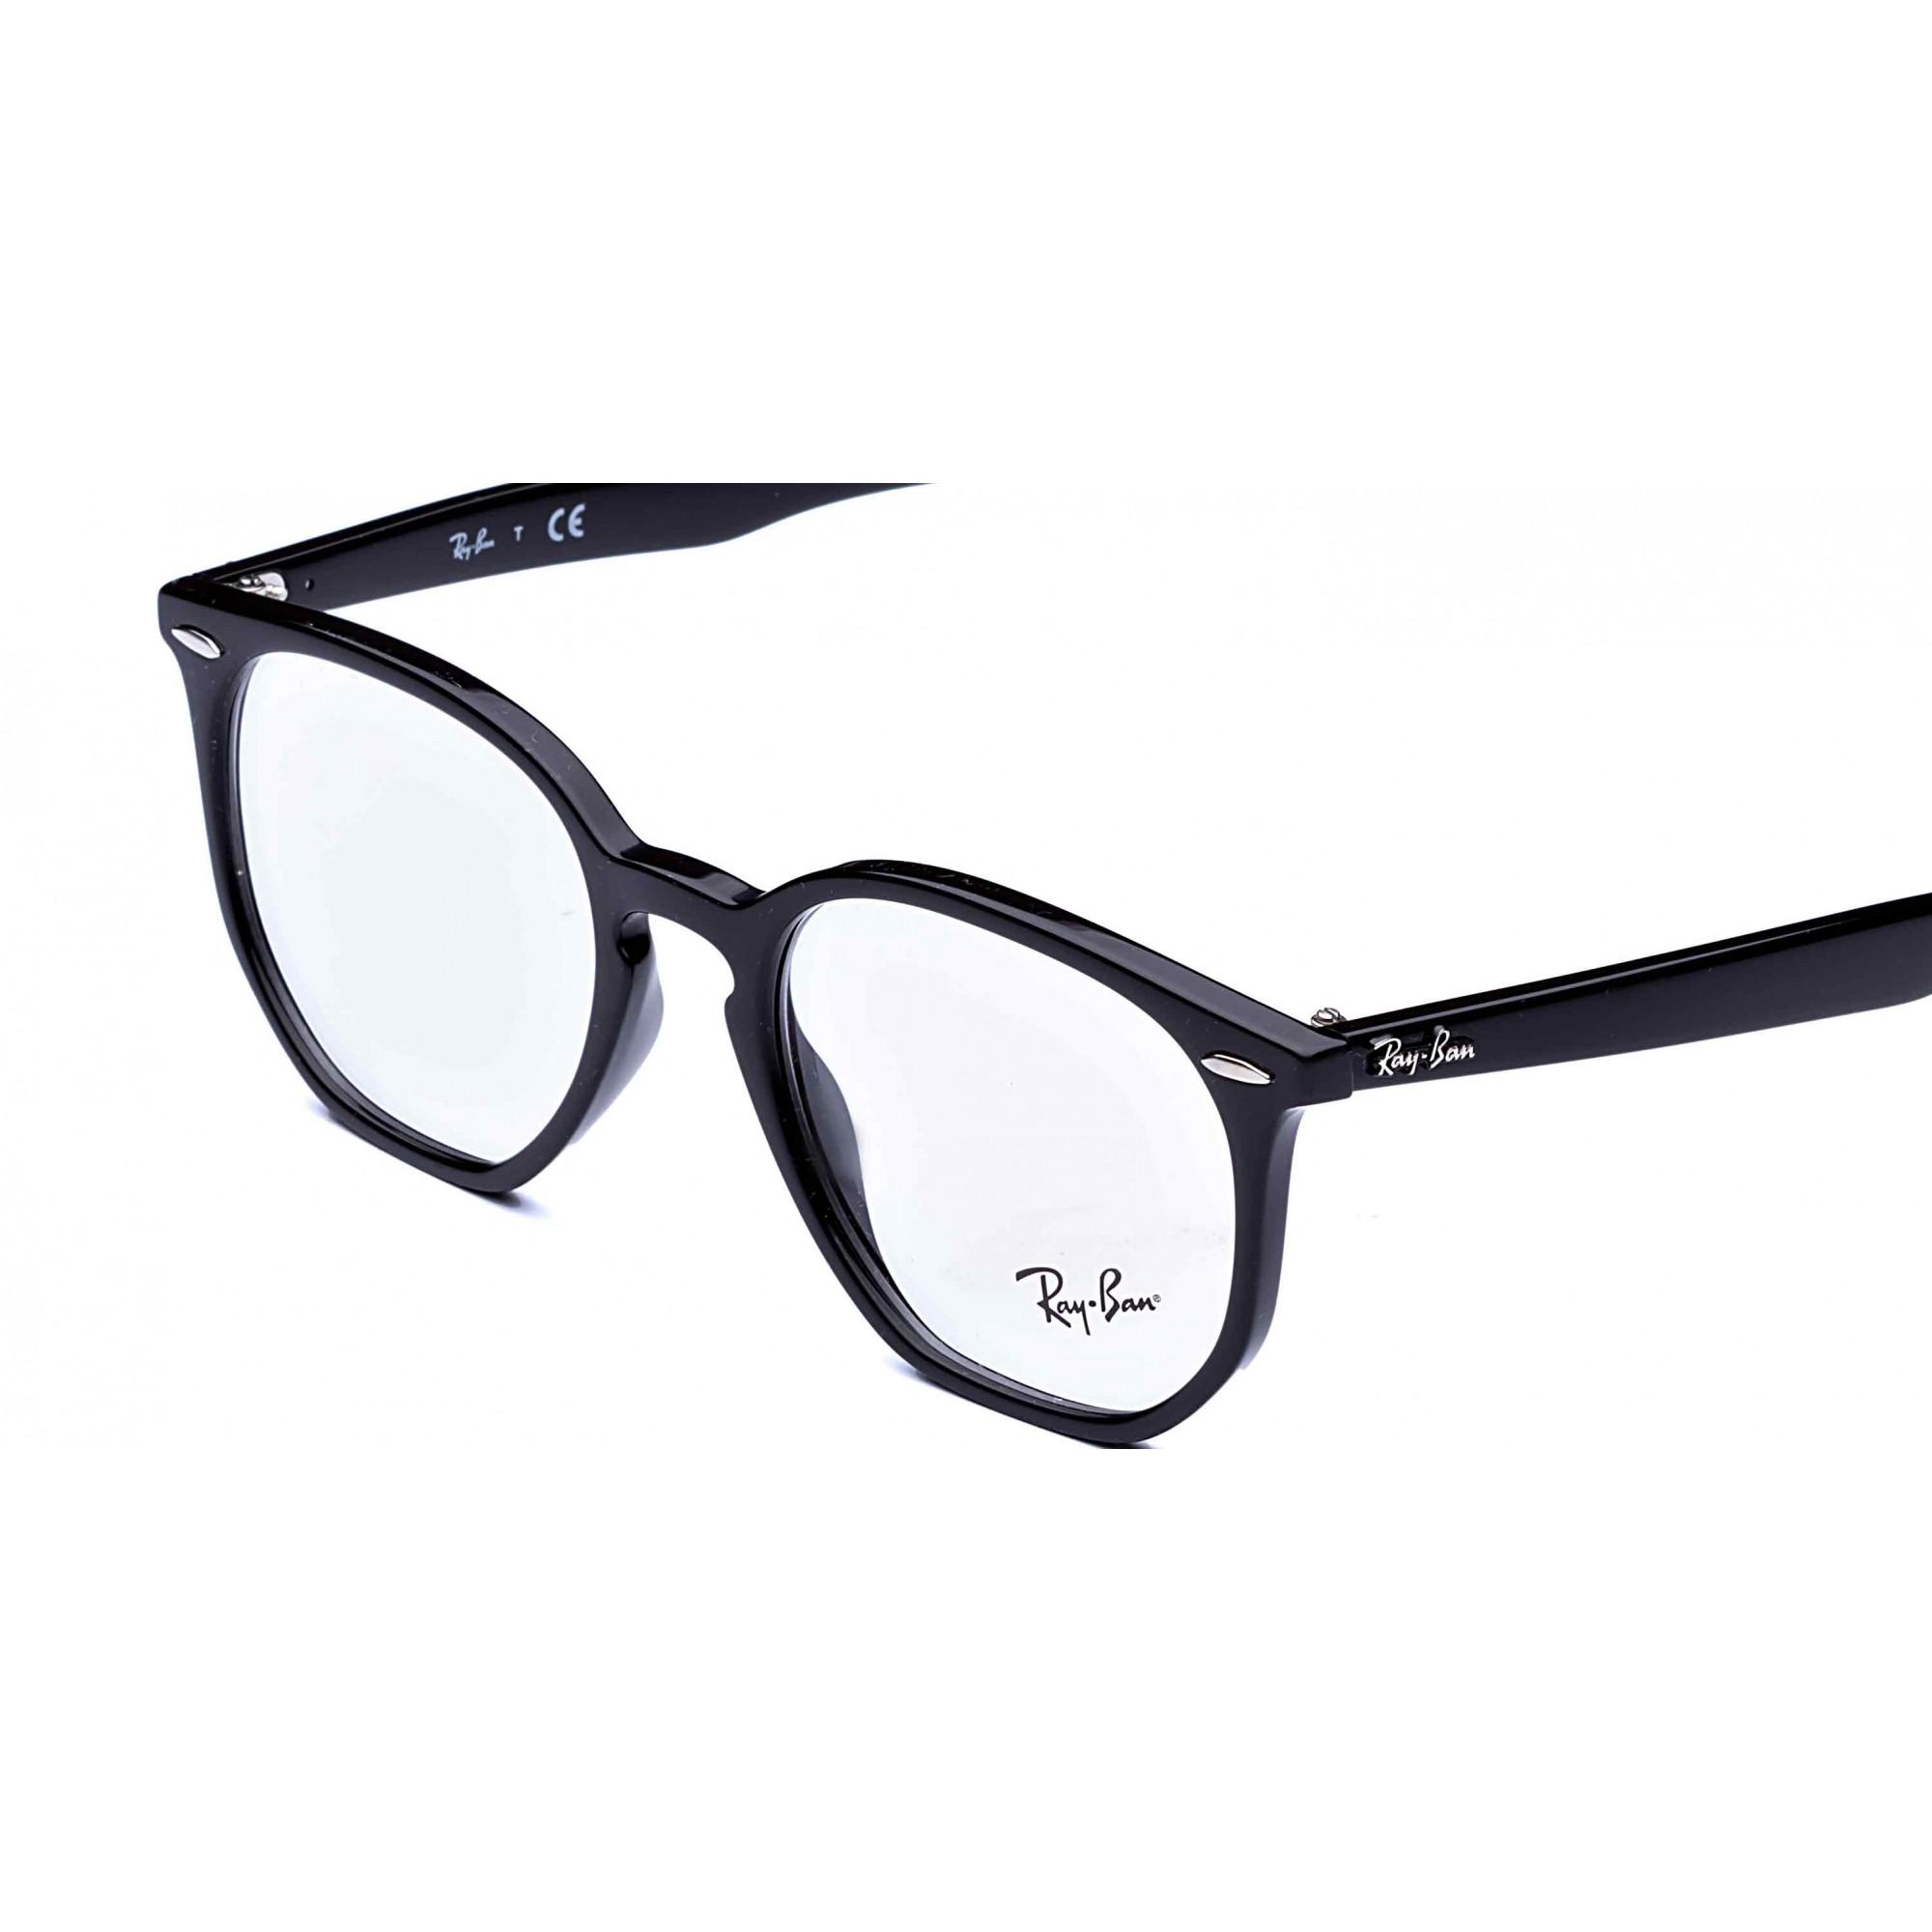 Óculos de Grau RB7151 Hexagonal Optics Ray-Ban - Original